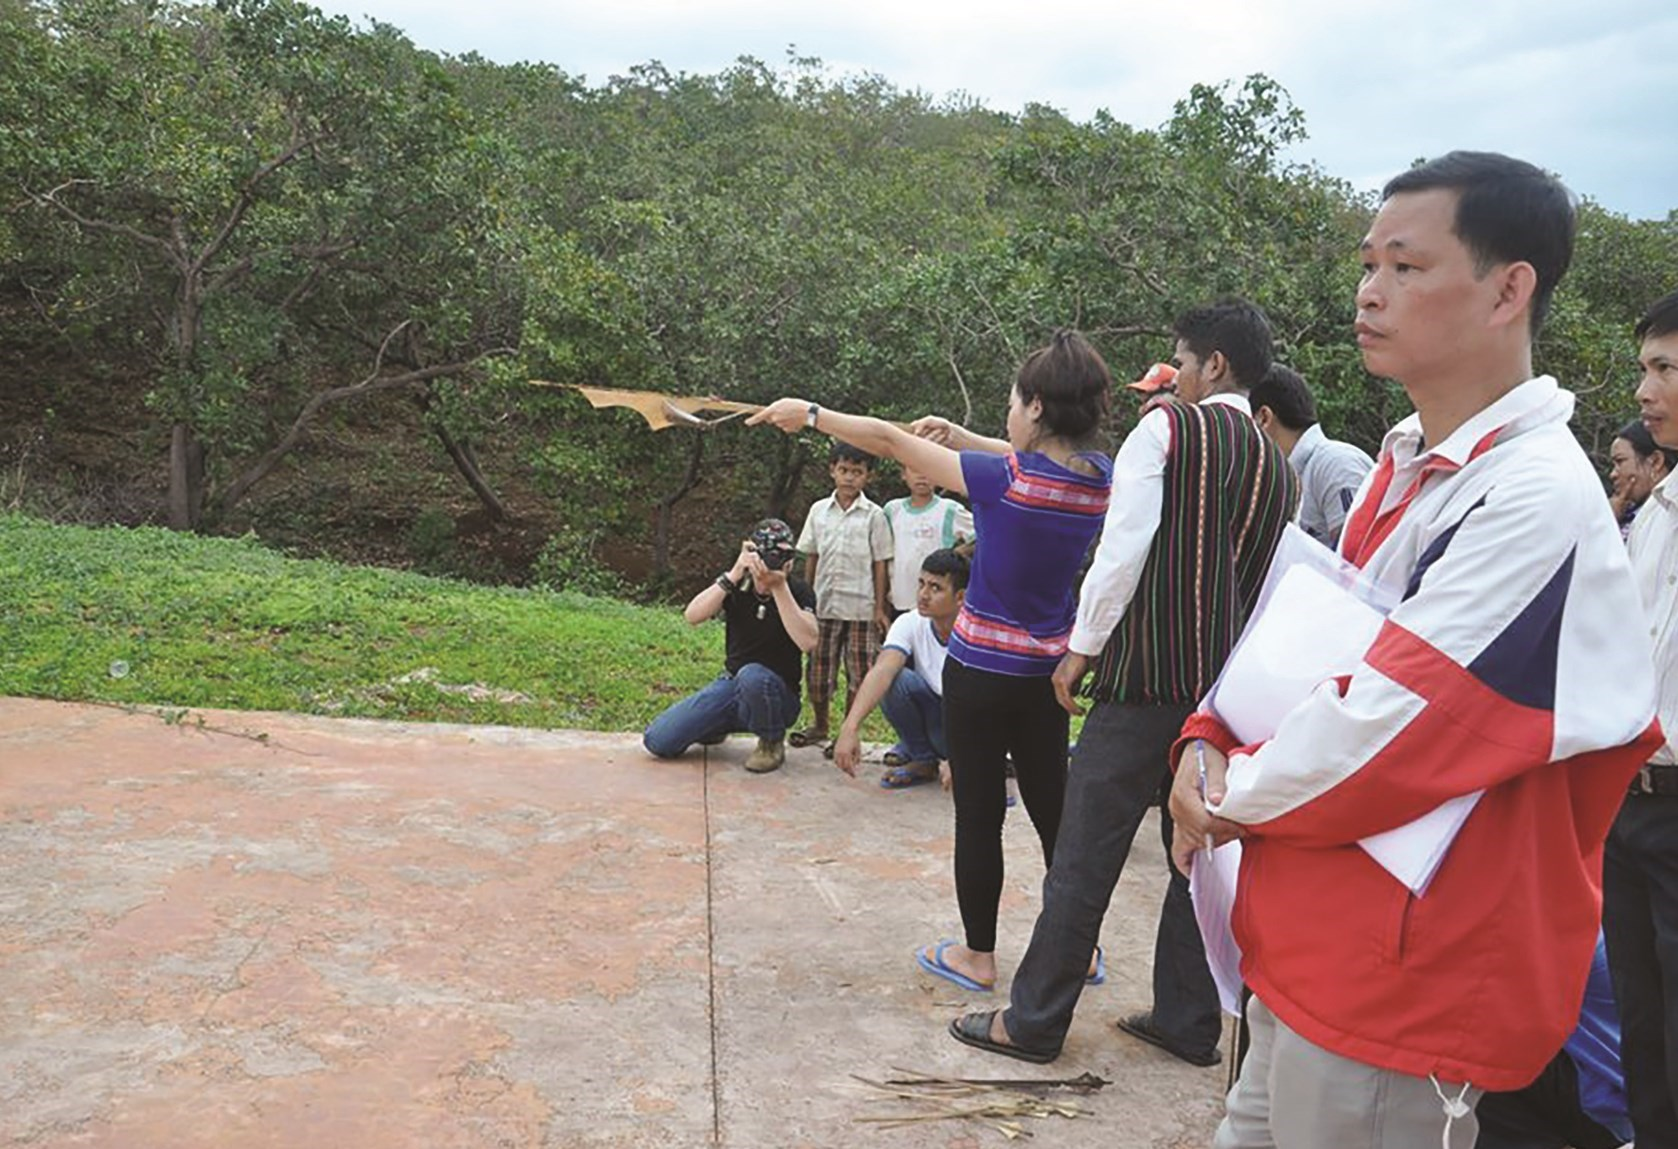 Ná là một trong những dụng cụ của môn thể thao bắn nỏ trong các dịp lễ, Tết